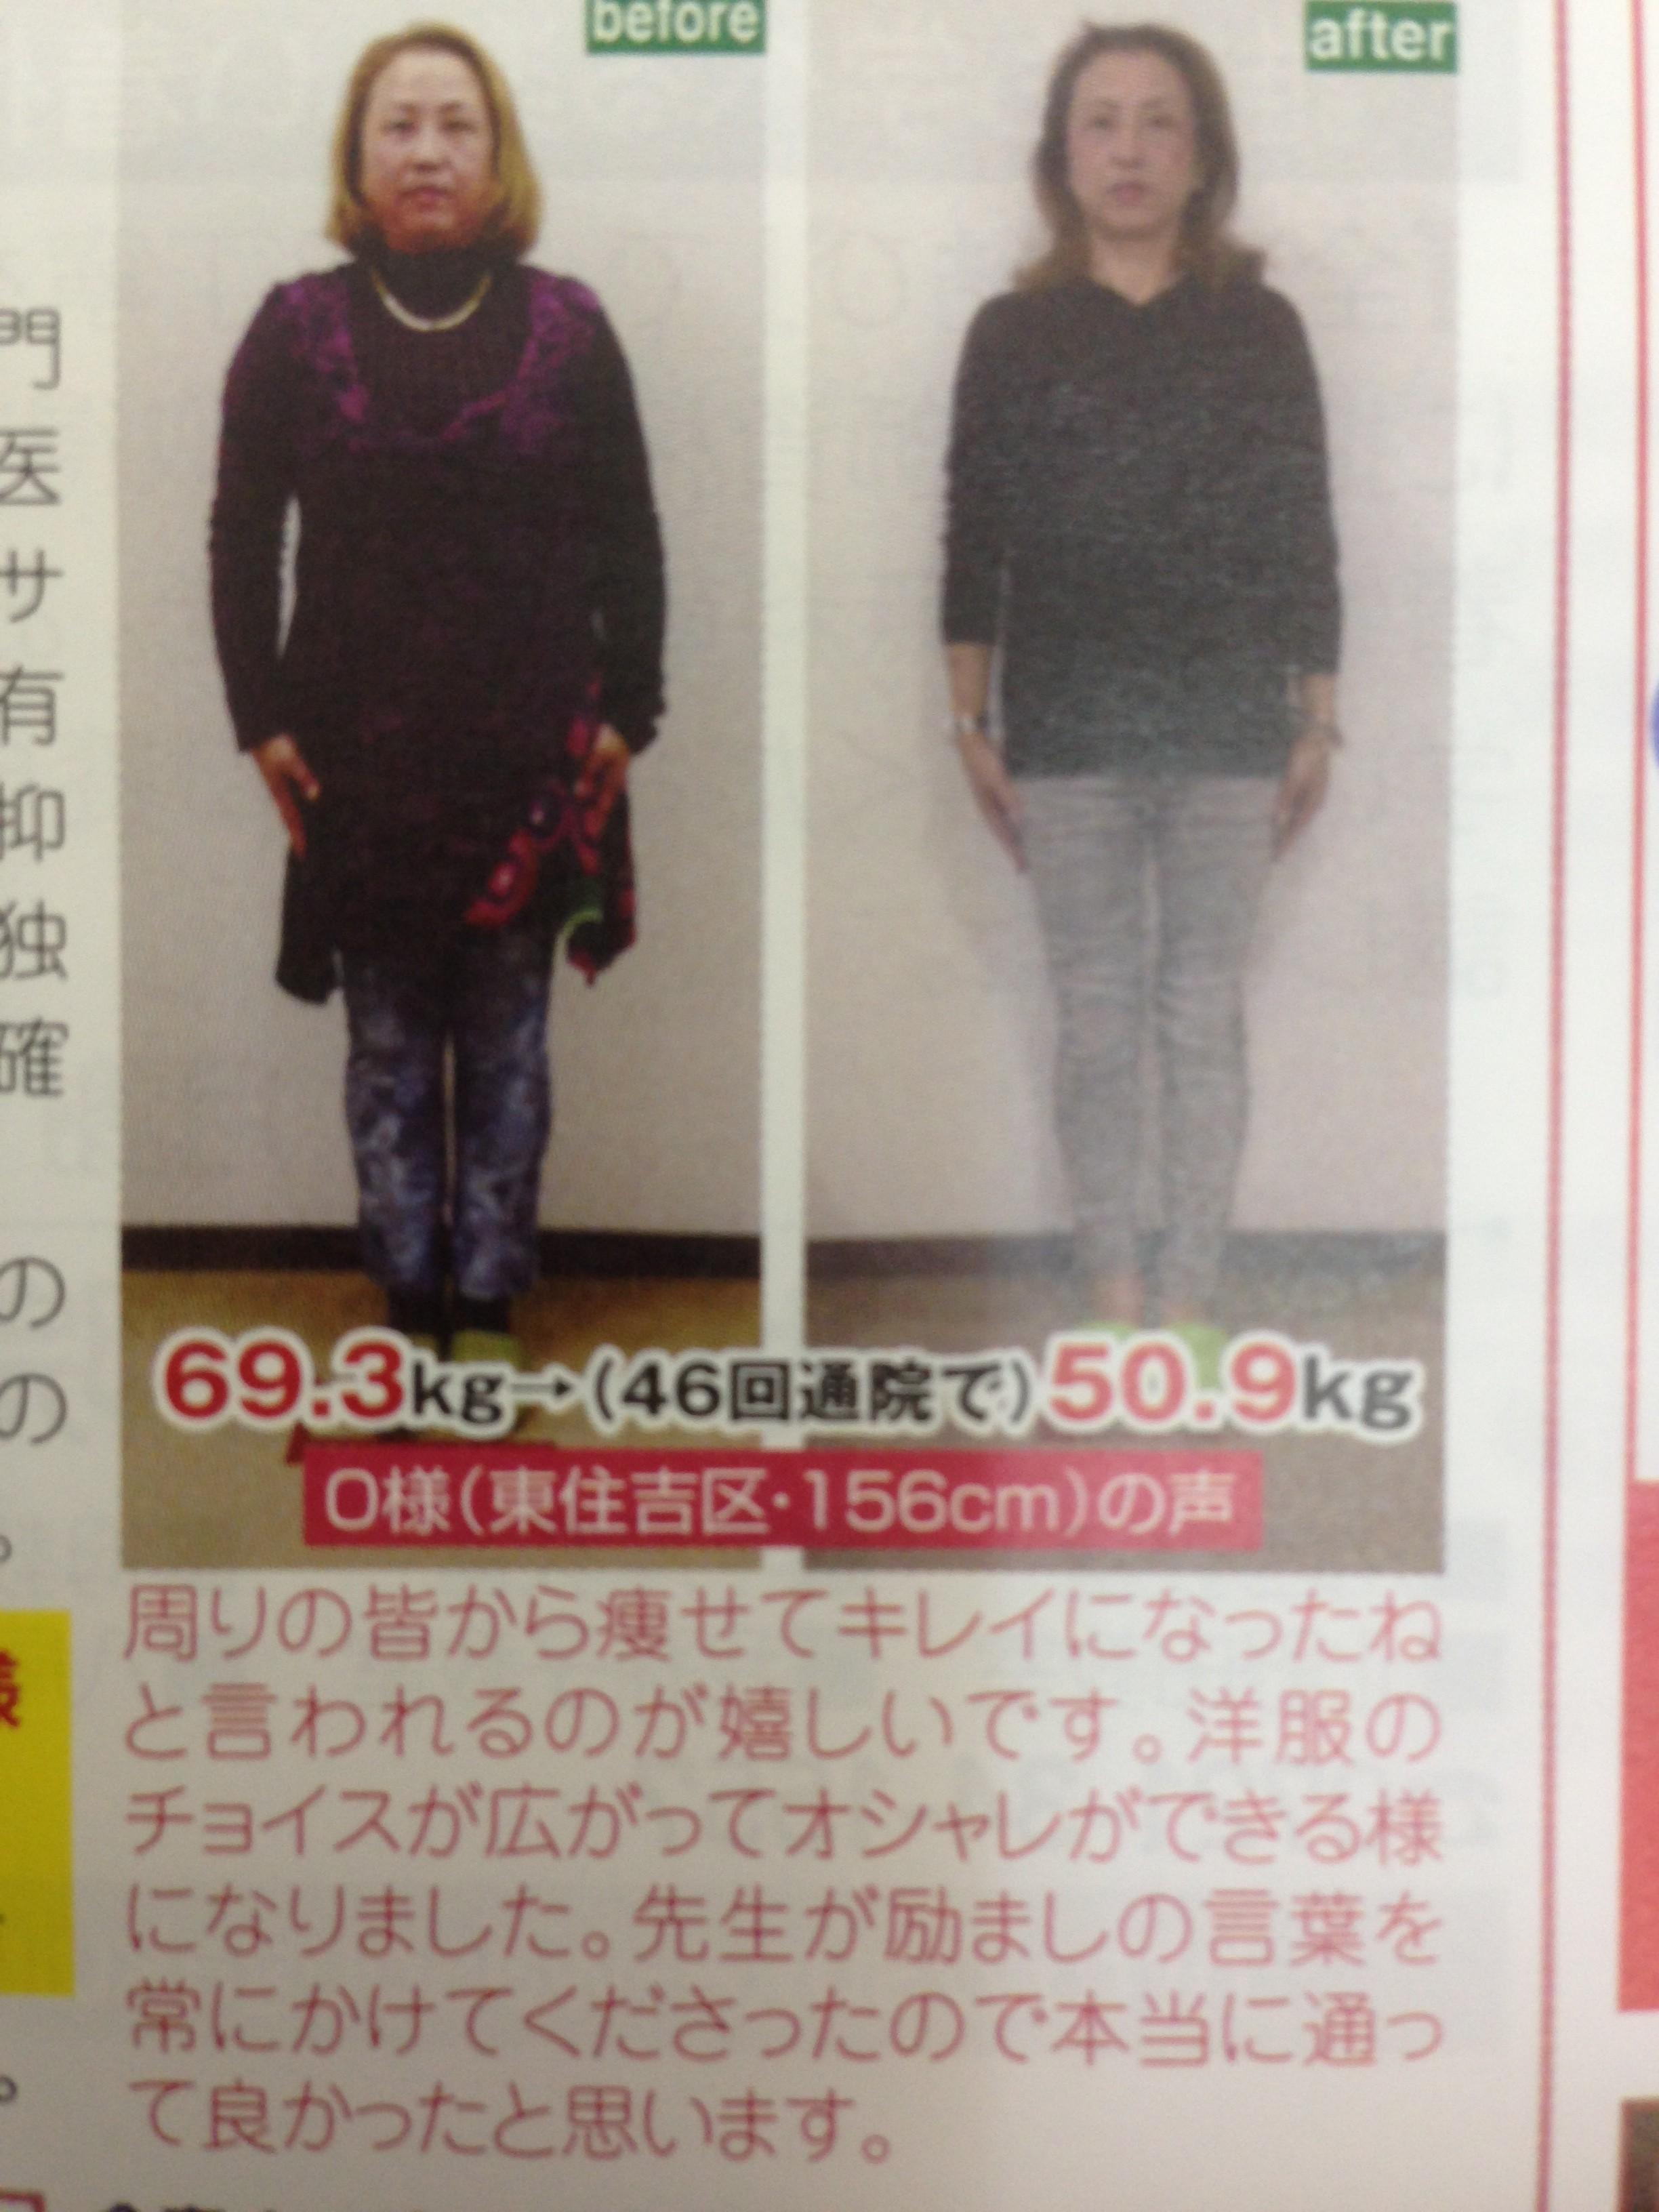 らくうぇる12月号 耳ツボダイエットで18kg痩せた東住吉区Oさんにモデルさんになってもらいました。